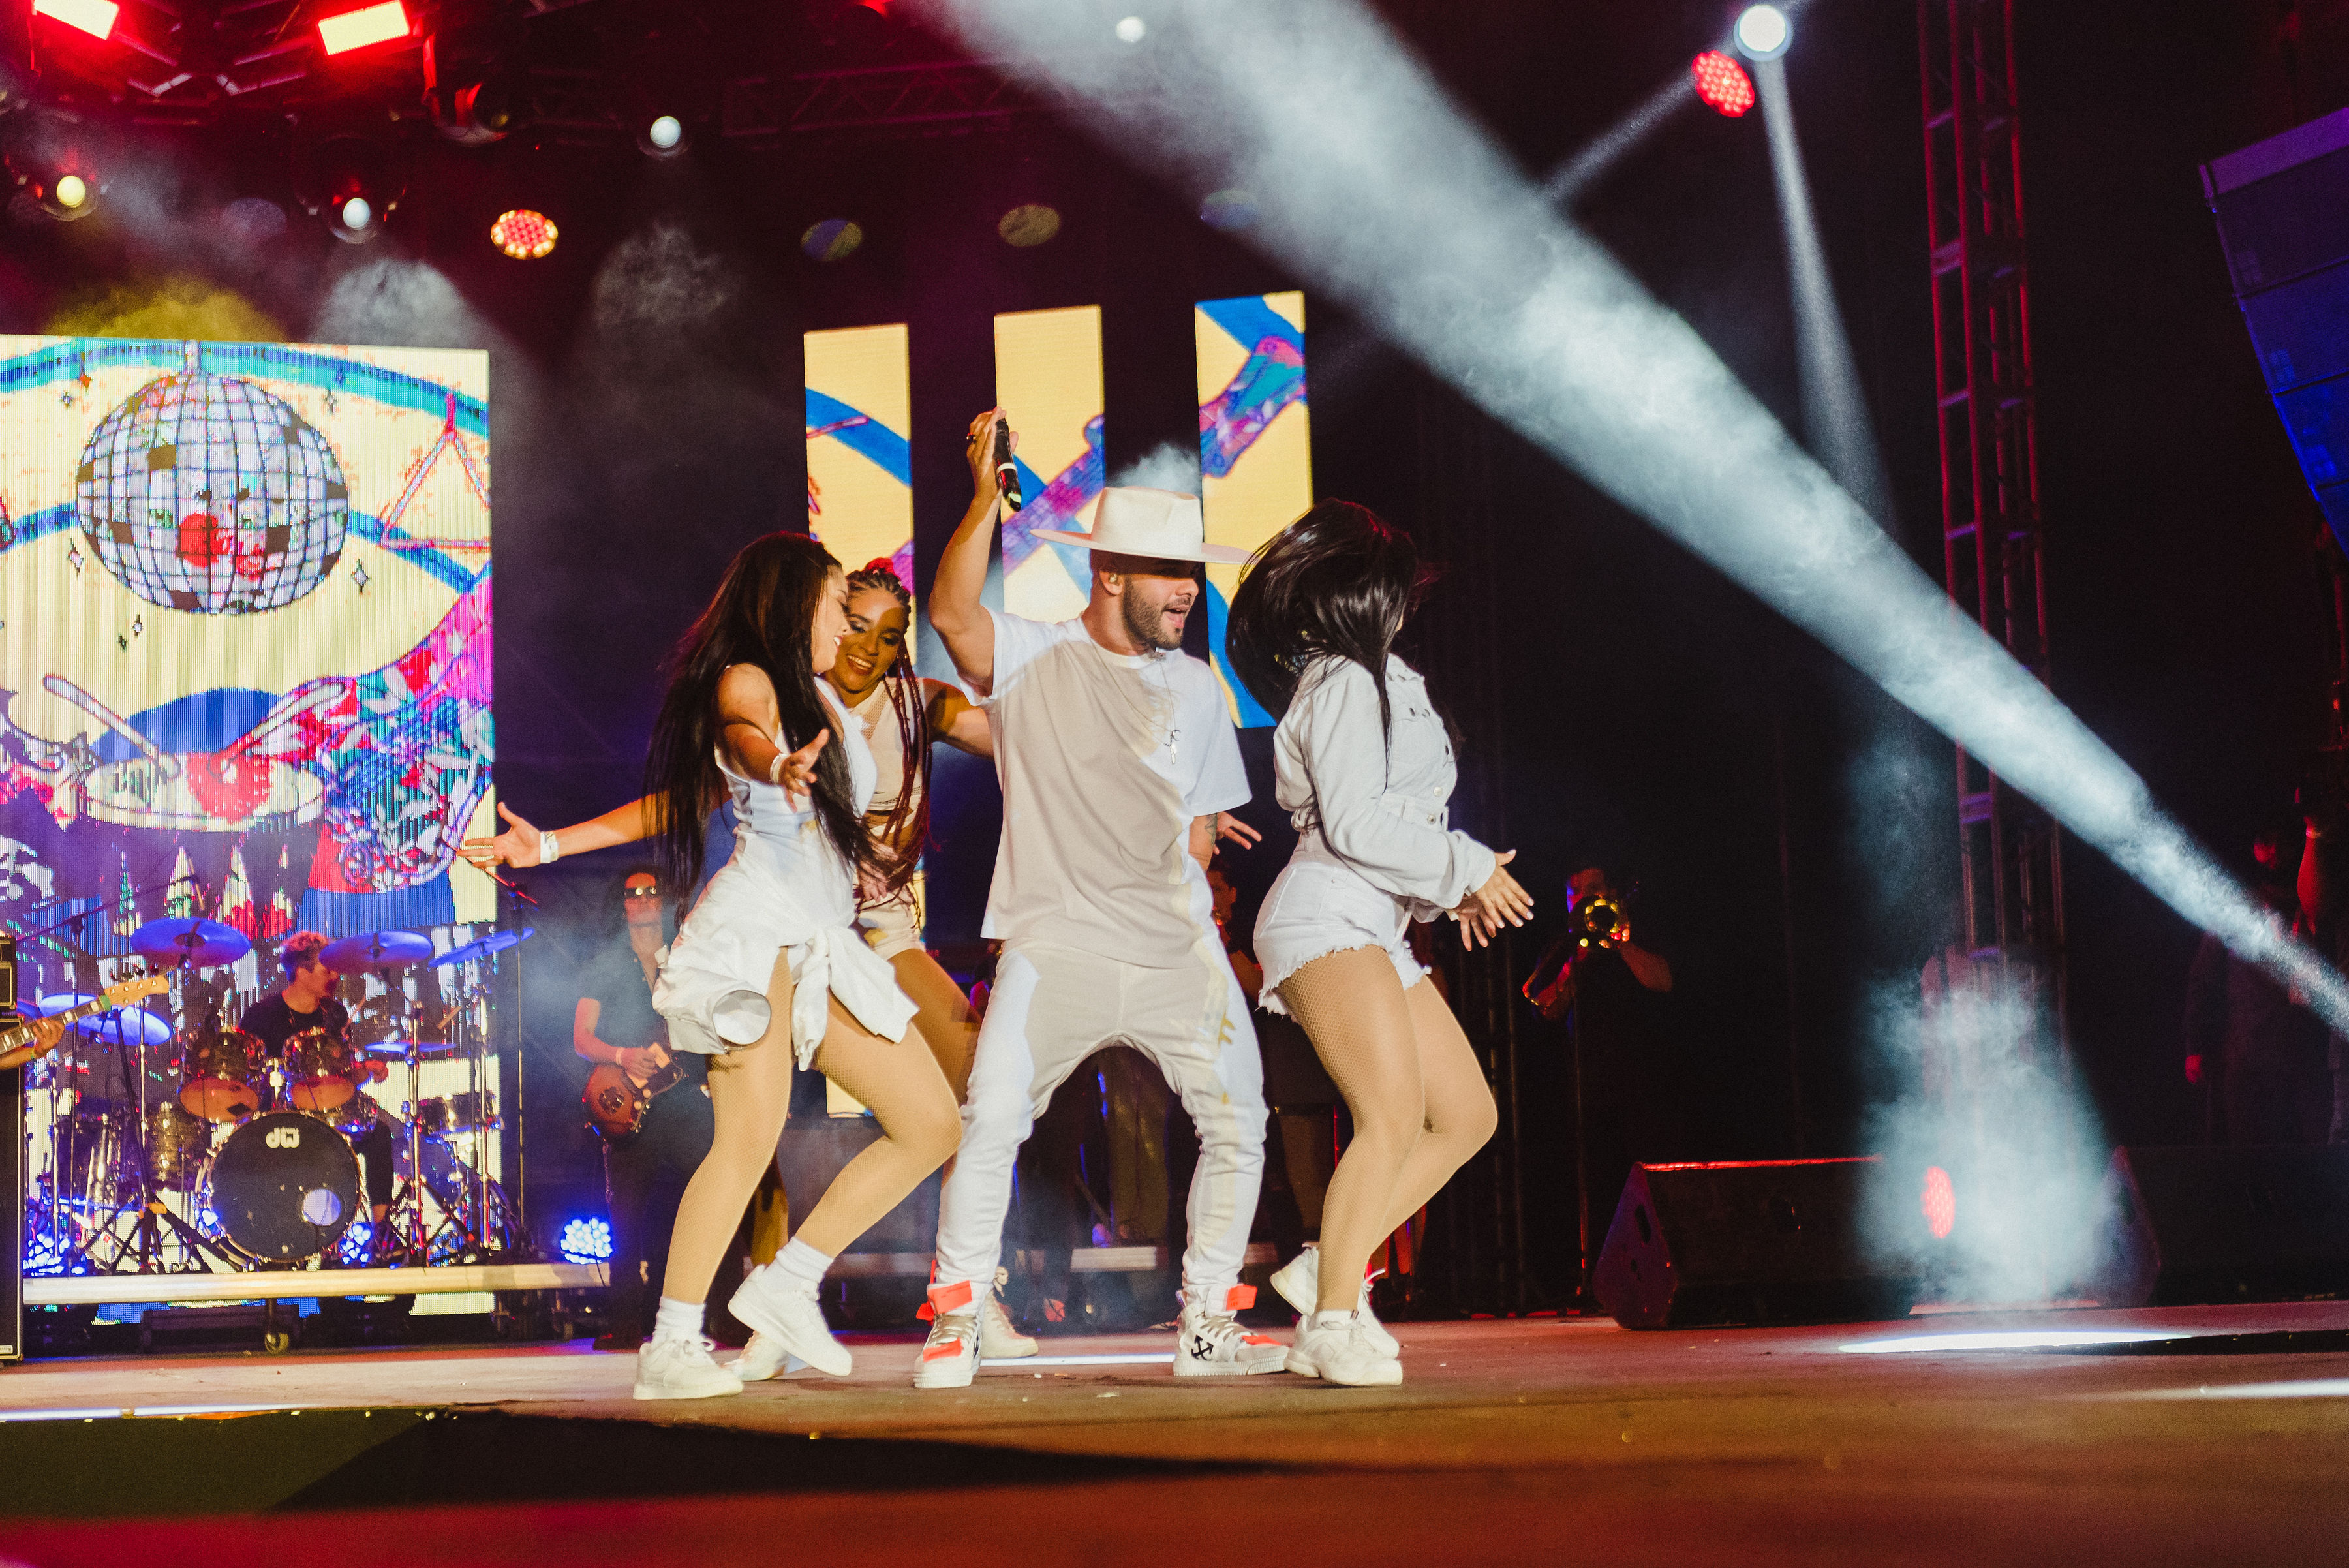 Más de 30 artistas en escena en la fiesta del Festival Heat